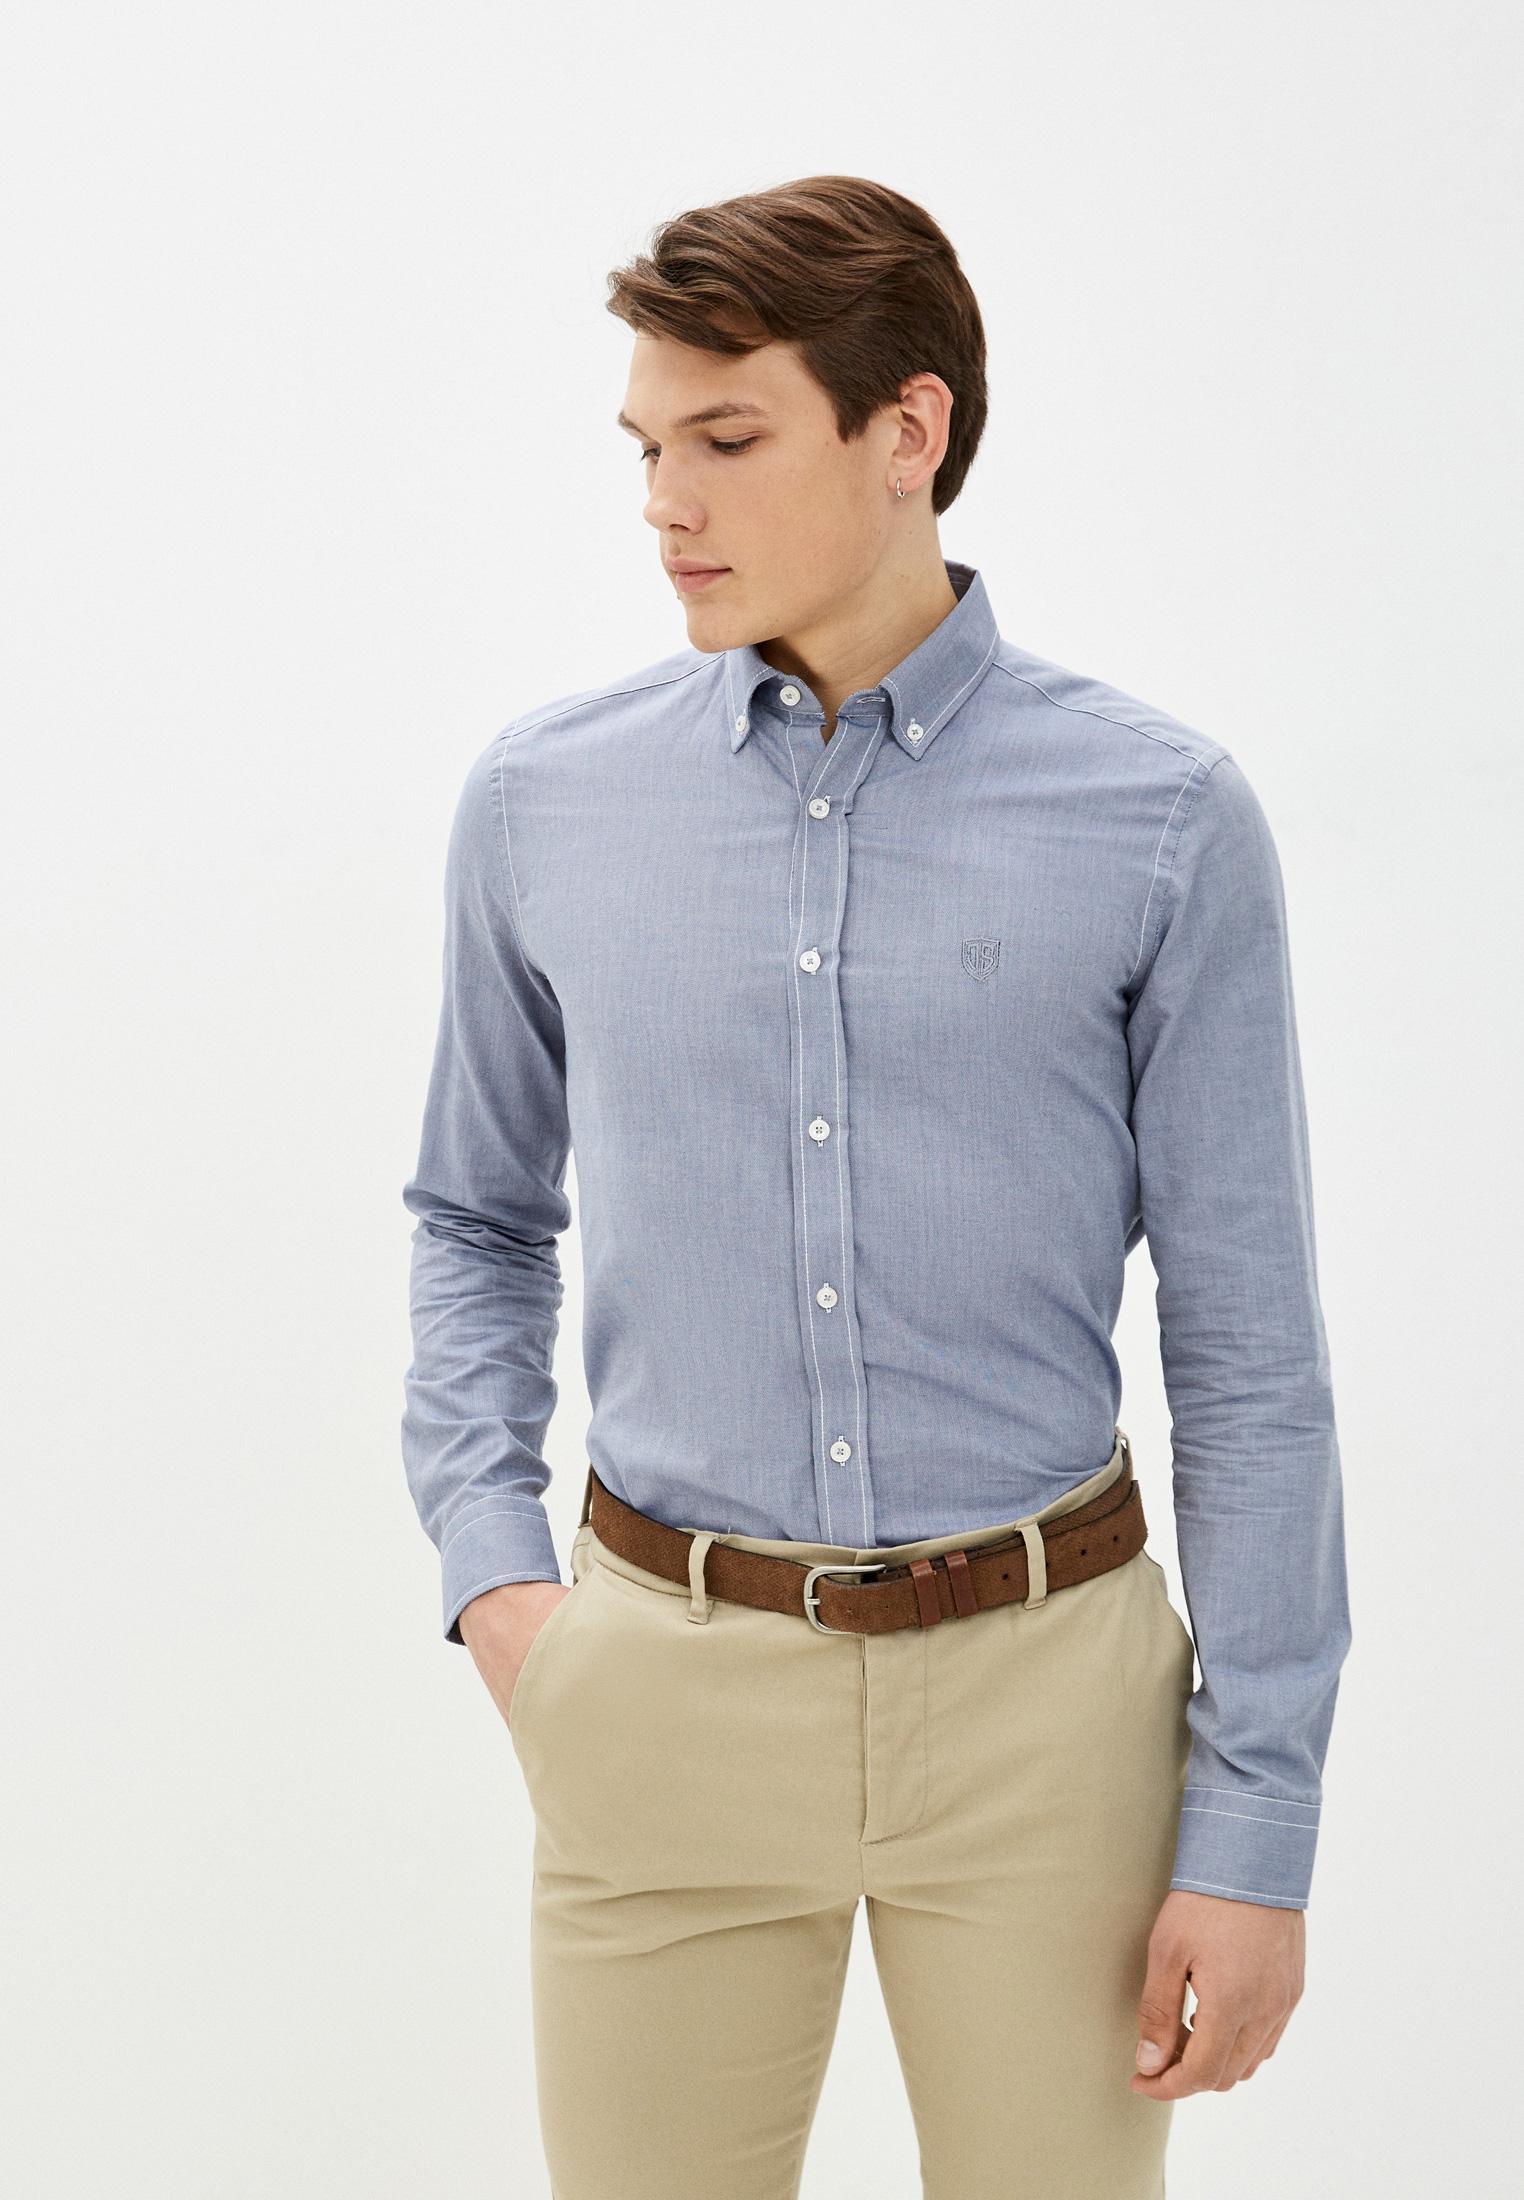 Рубашка с длинным рукавом JIMMY SANDERS (Джимми Сандерс) 20W  SHM3105 NAVY